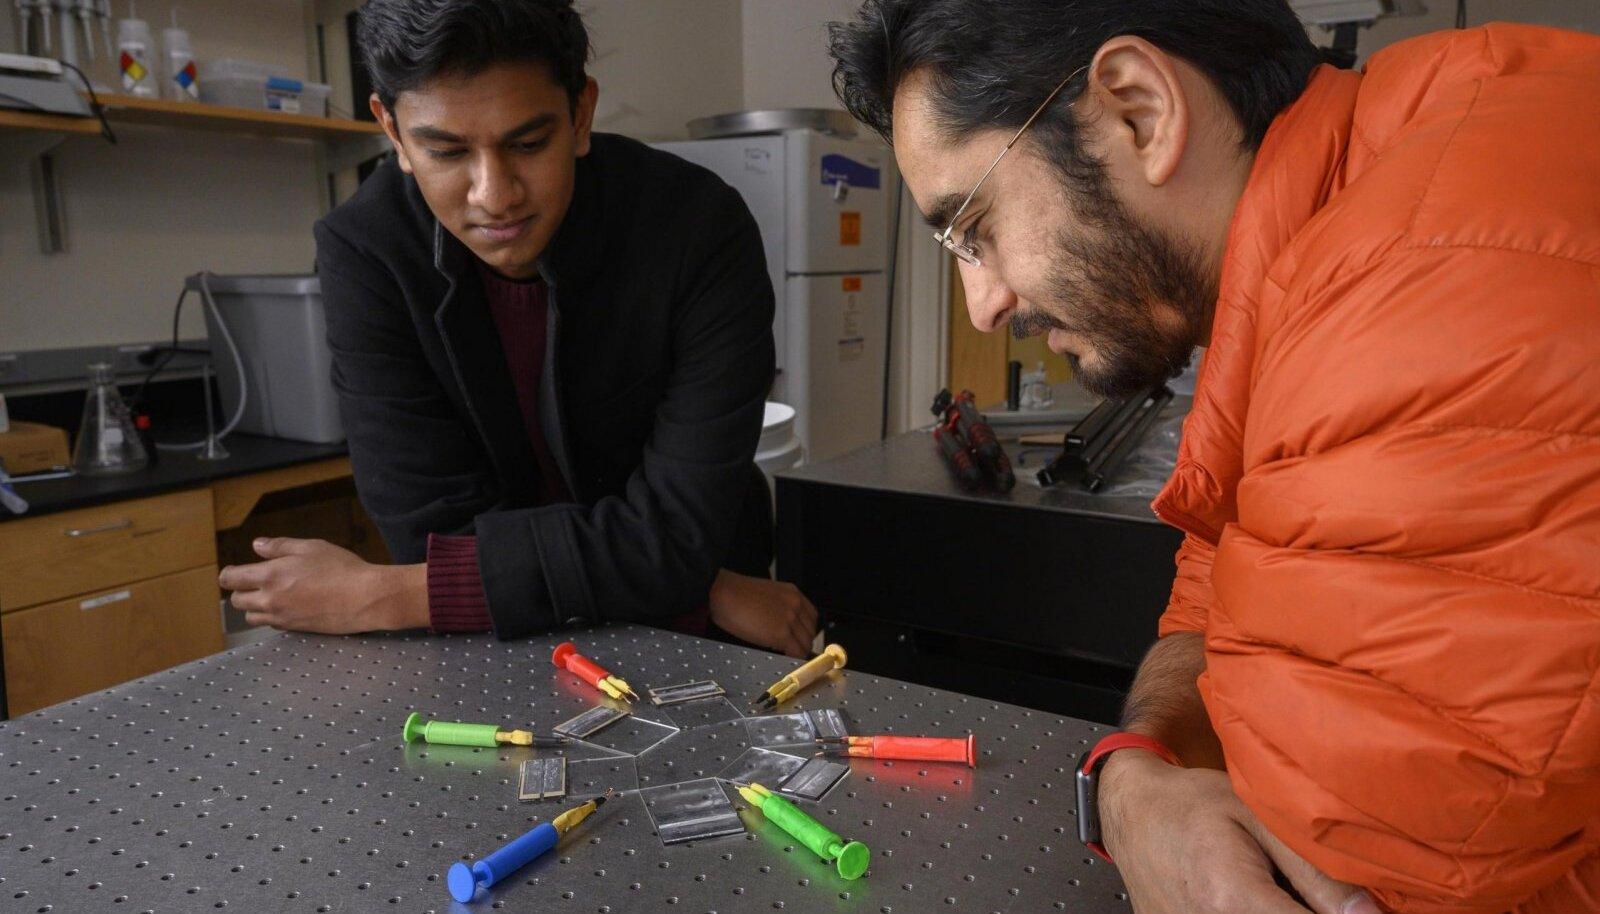 Georgia Techi üliõpilane Gaurav Byagathvalli ja õppejõud Saad Bhamla koos oma ElectroPen'idega. (Foto: Christopher Moore, Georgia Tech)